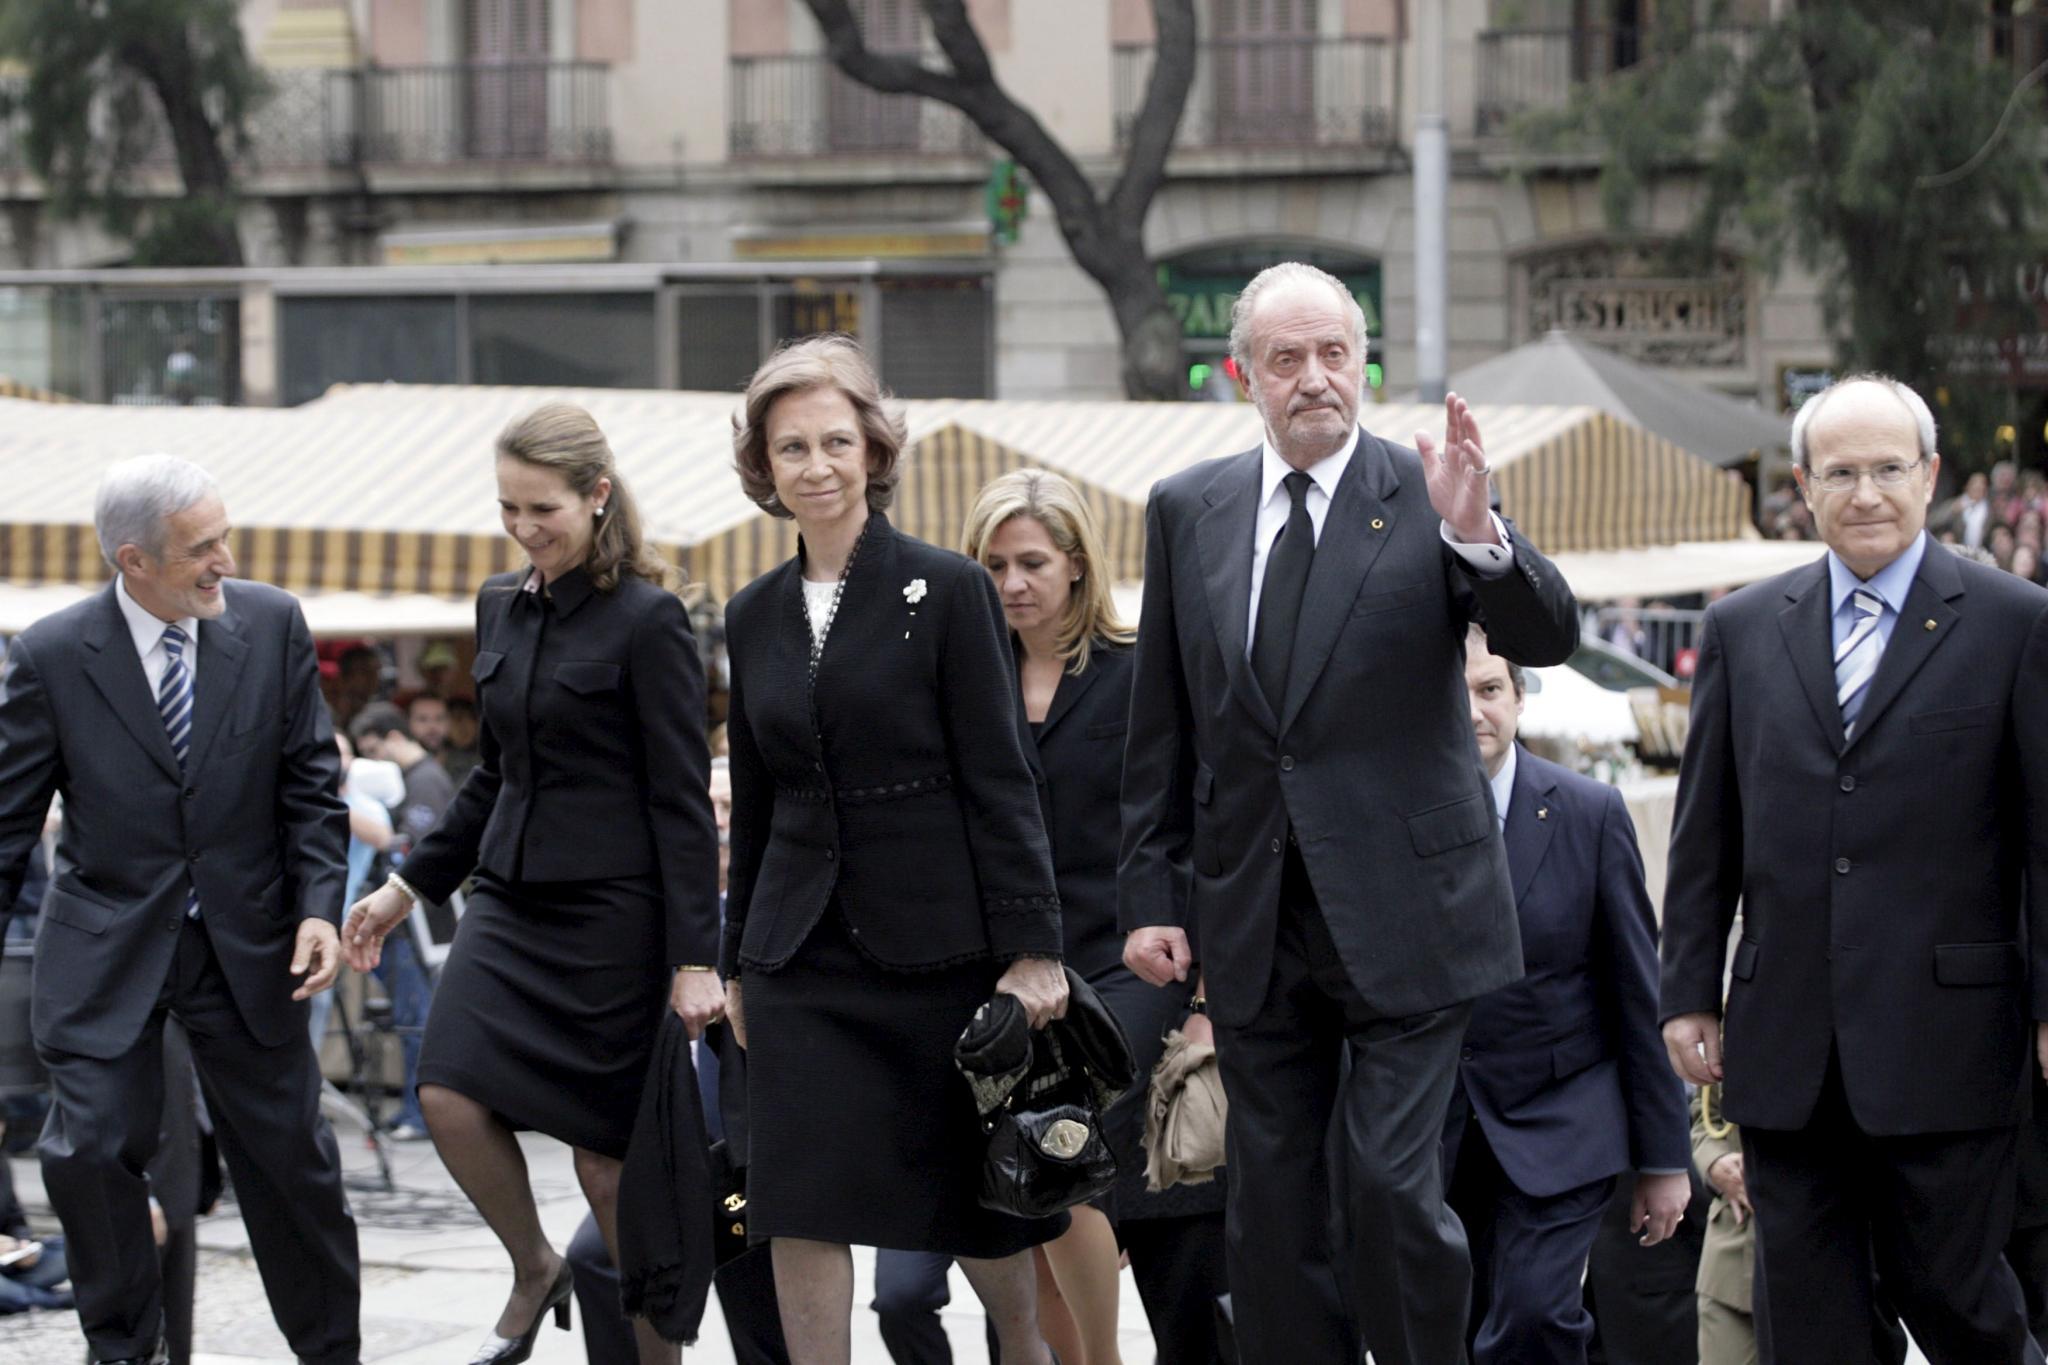 El mundo del deporte da su último adiós a Juan Antonio Samaranch